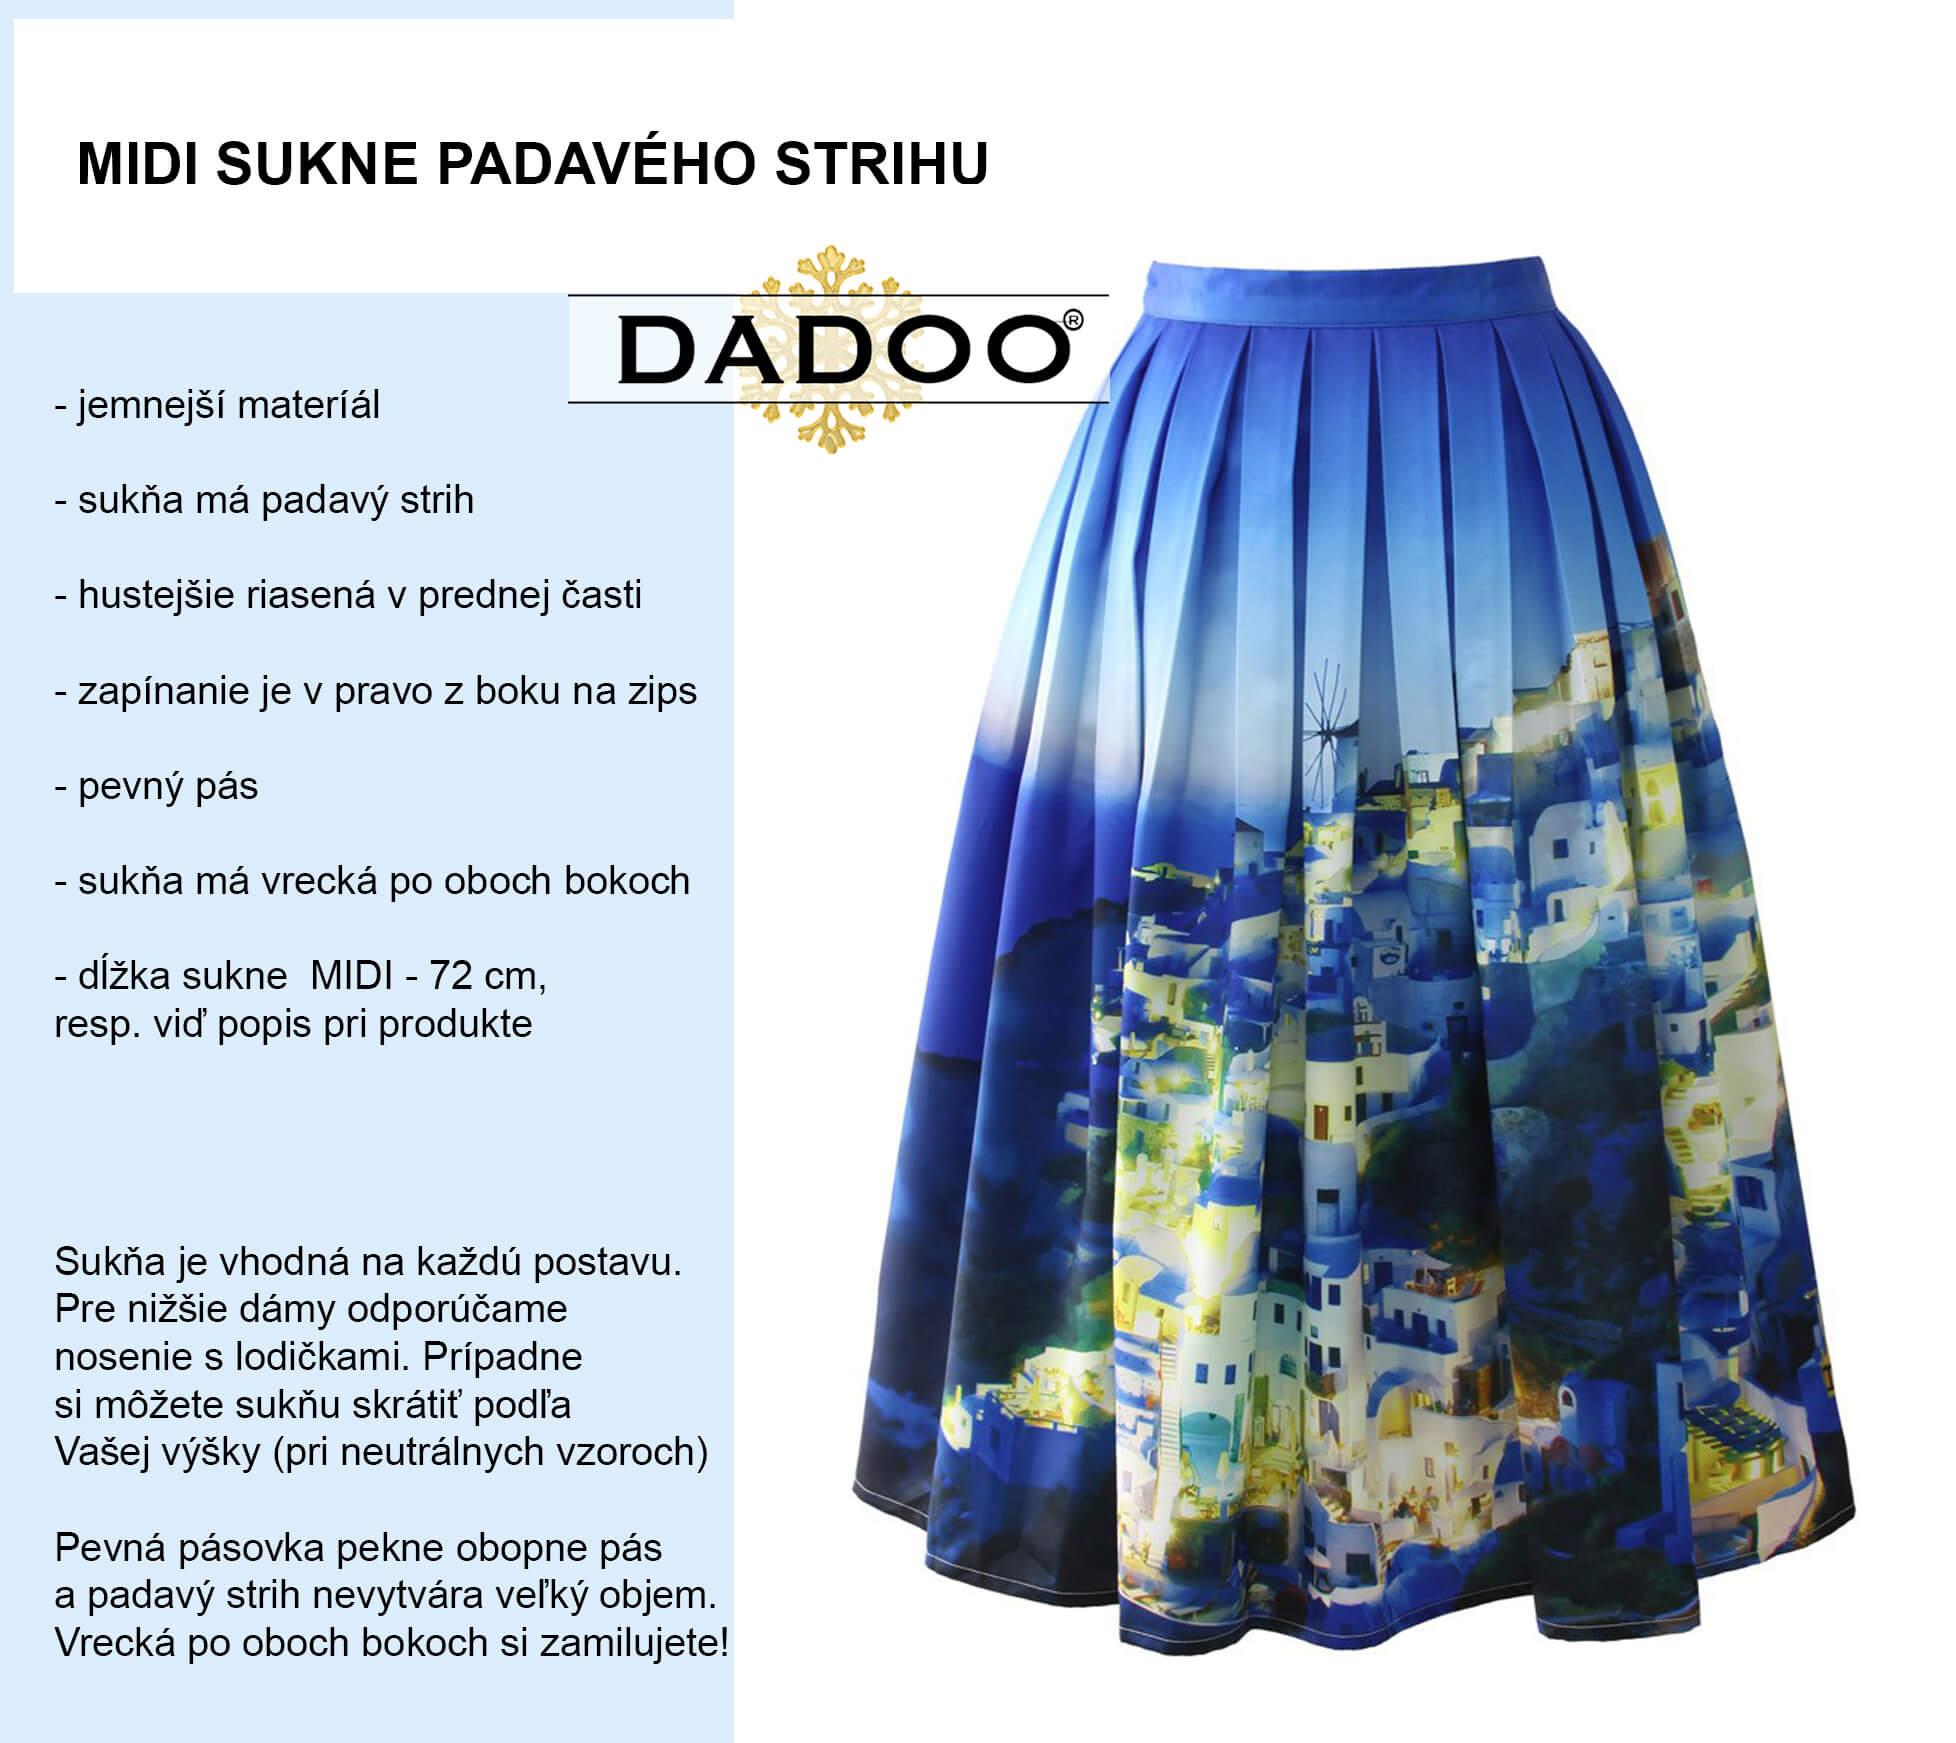 9b2a1897427f Midi sukne – trendy sukne na každý deň! Vyber si zo širokej ponuky  MIDINIEK. Na prvý pohľad Vás upútajú farebnou potlačou. Typovo Ti ponúkame  niekoľko ...